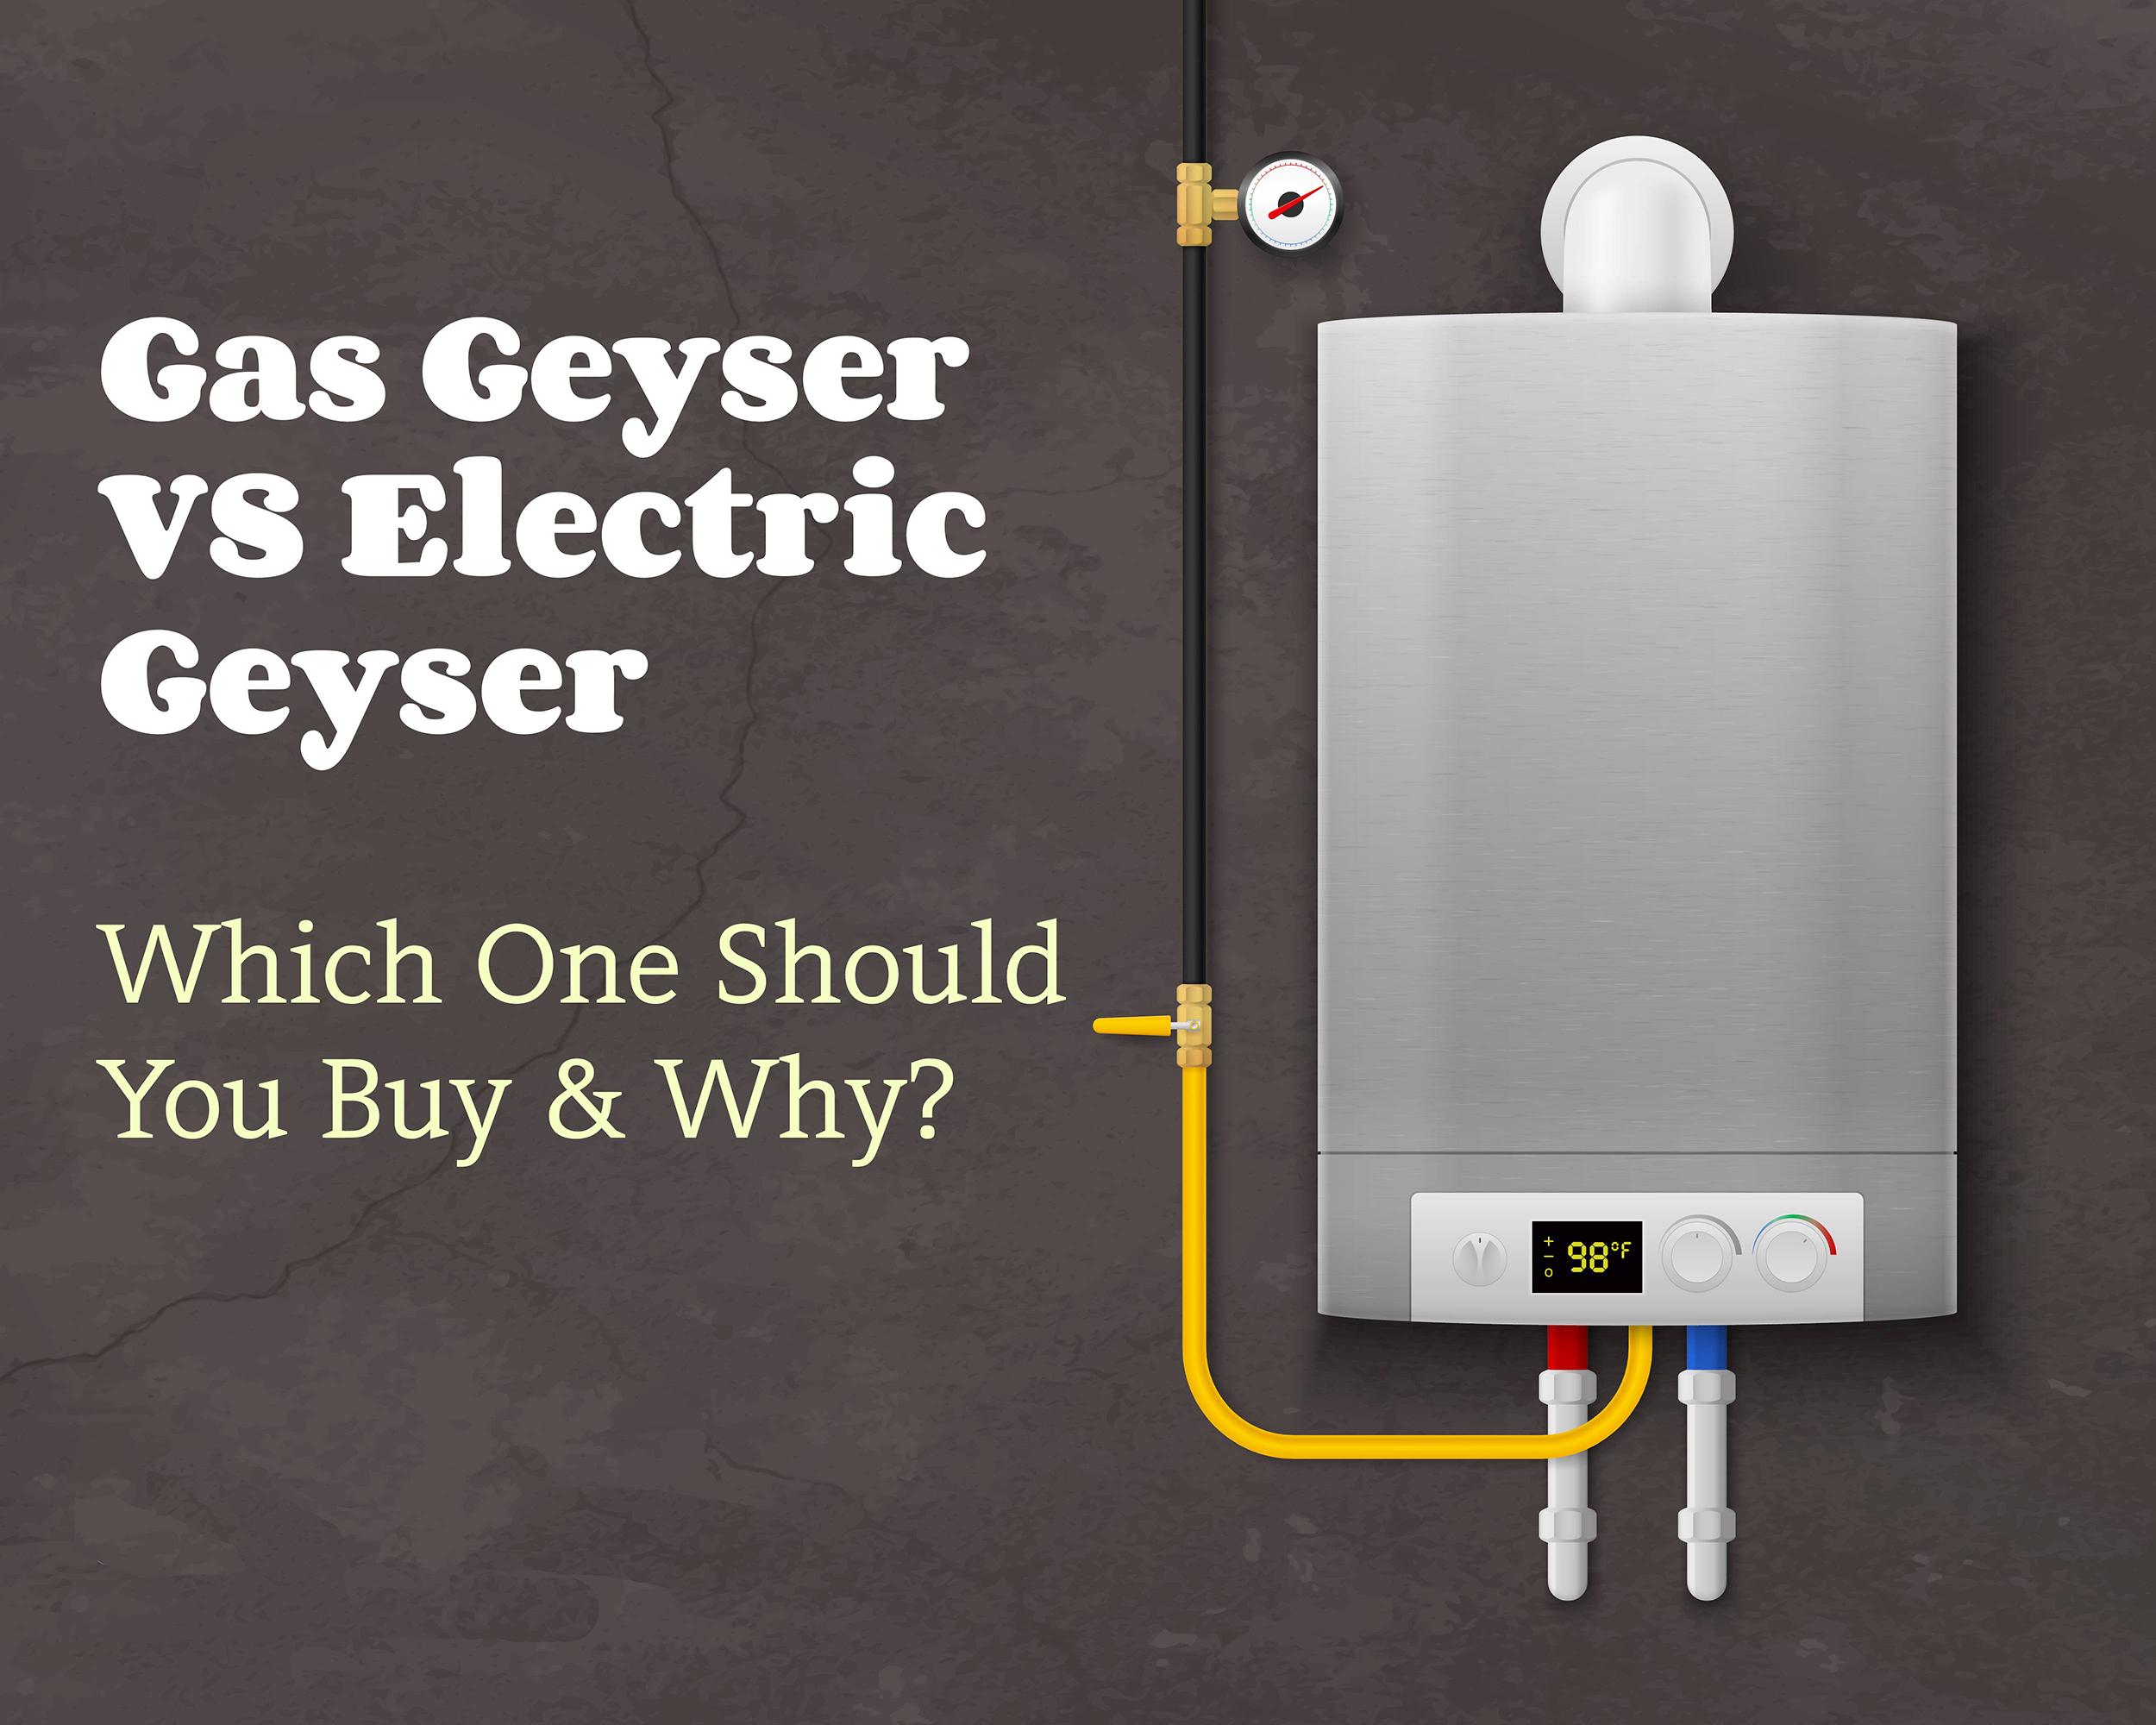 Gas Geyser VS Electric Geyse